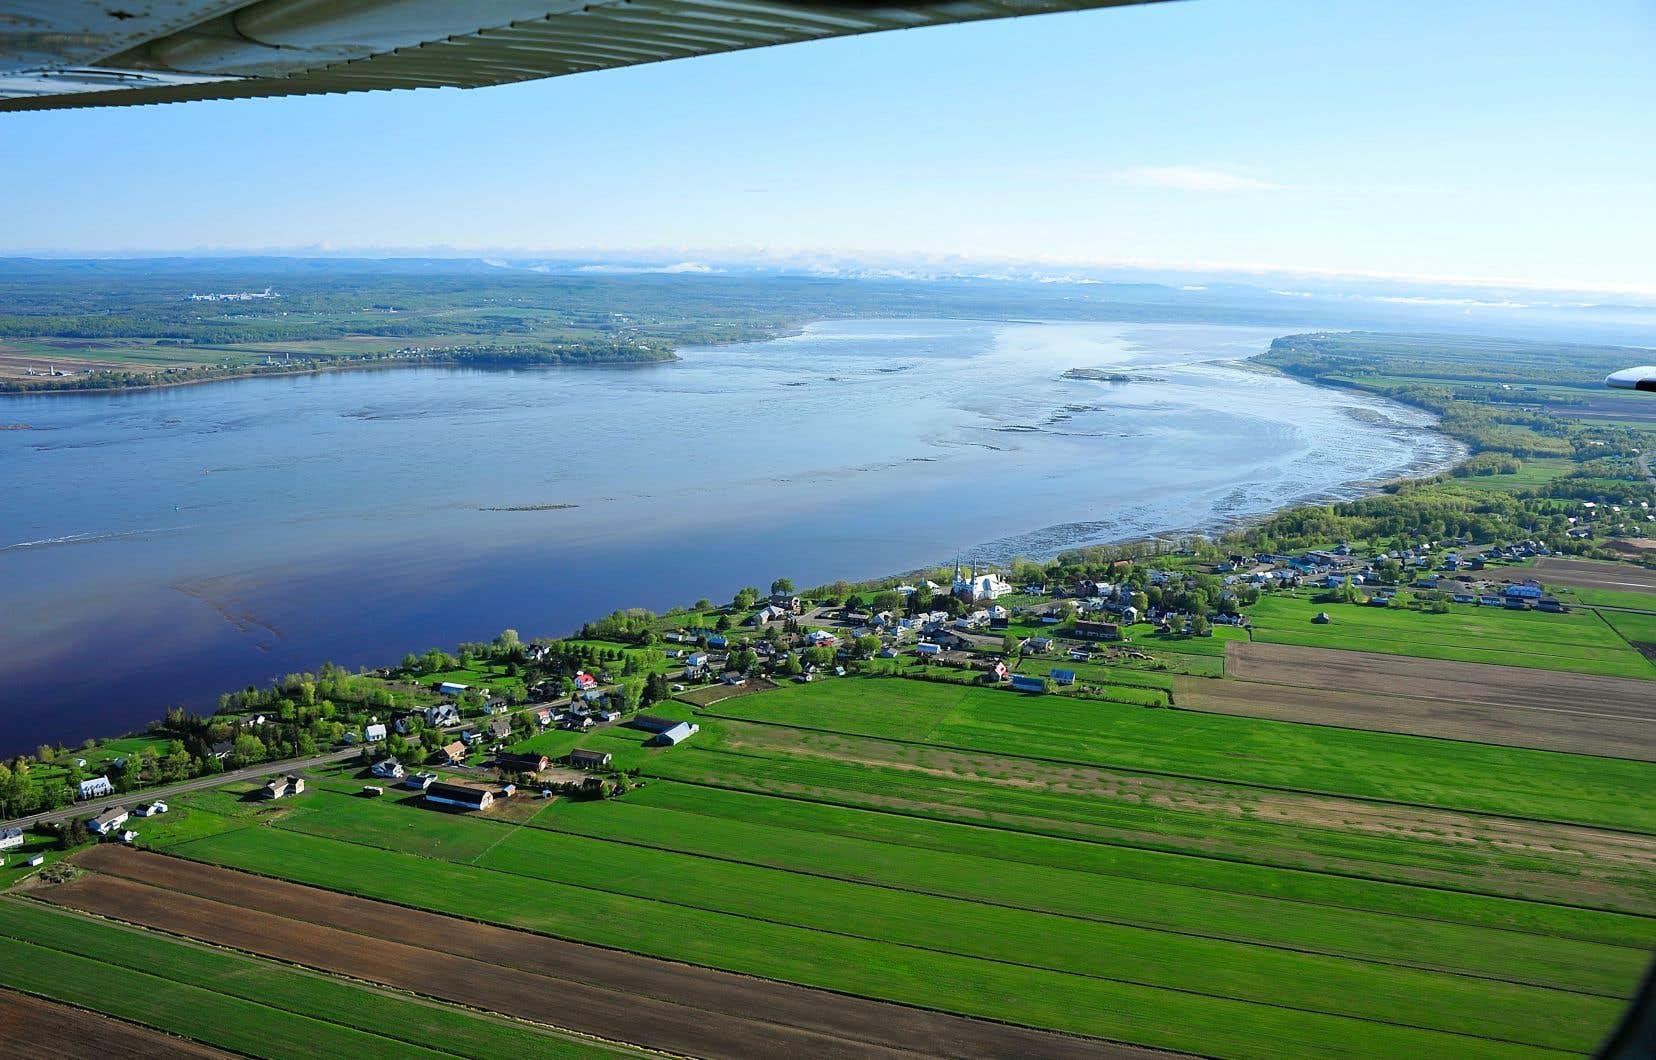 Les interventions proposées pour soigner le fleuve Saint-Laurent auraient également des effets heureux sur la biodiversité, disent les responsables du rapport.